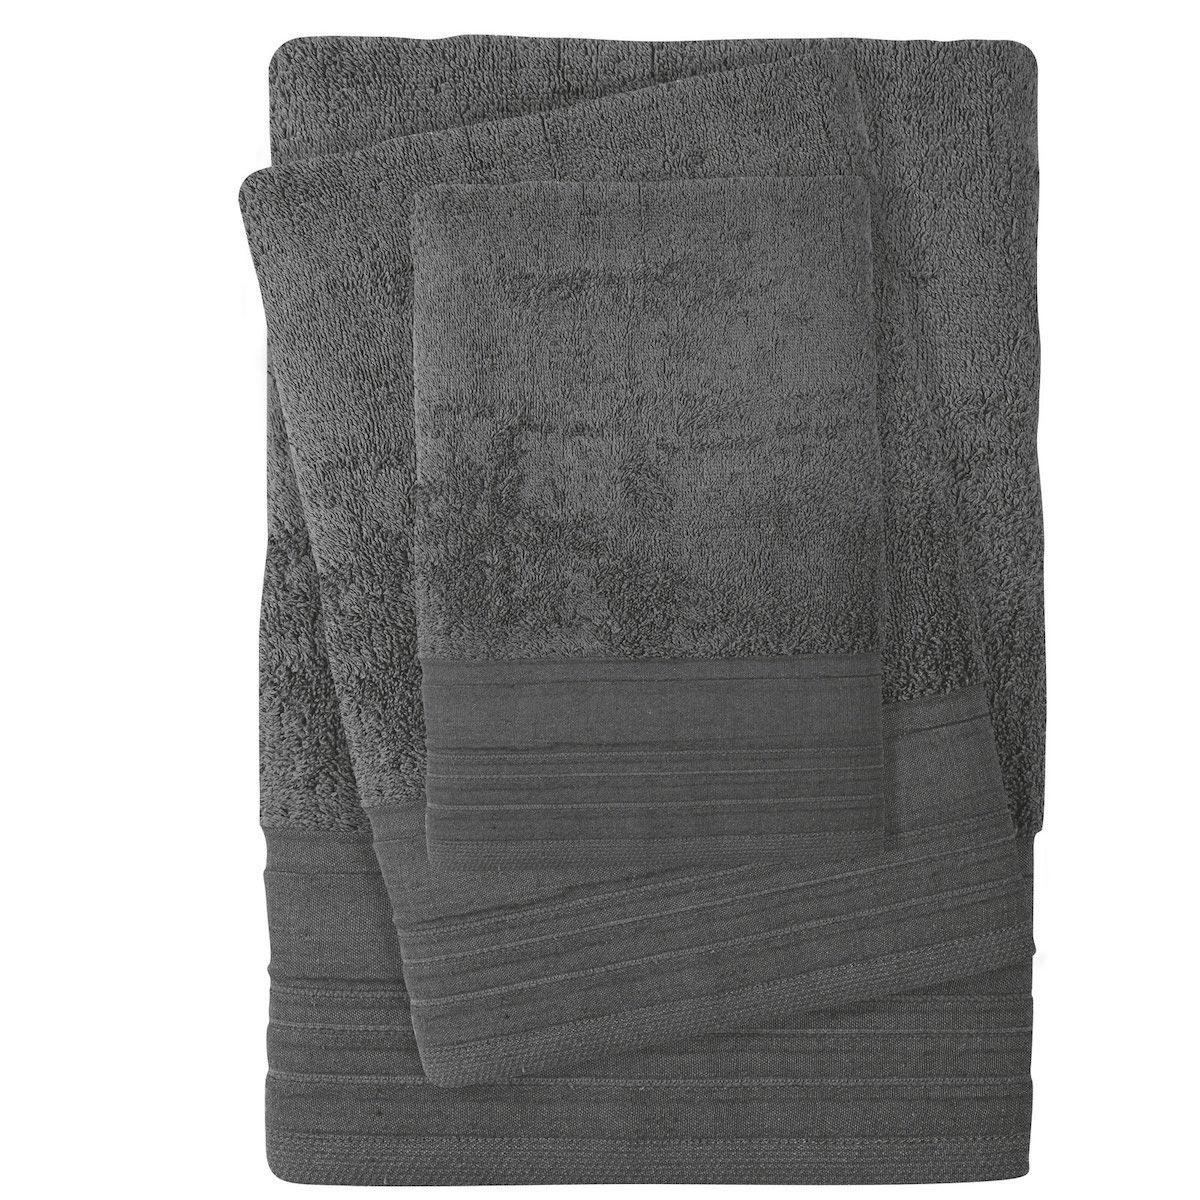 Πετσέτες Μπάνιου (Σετ 3τμχ) Das Home Best Line 0432 Grey